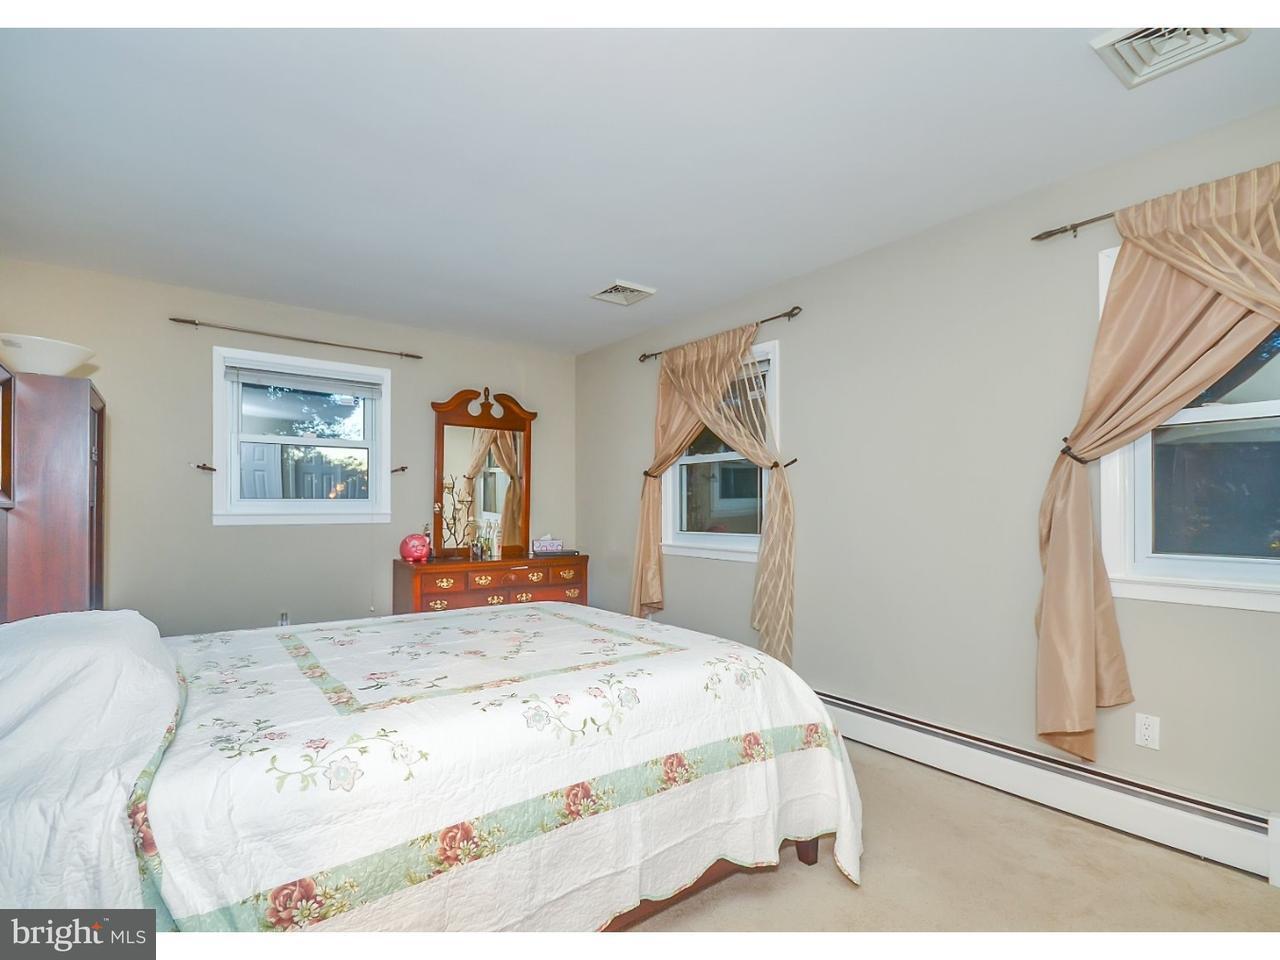 Maison unifamiliale pour l à louer à 426 PLAINSBORO Road Plainsboro, New Jersey 08536 États-UnisDans/Autour: Plainsboro Township